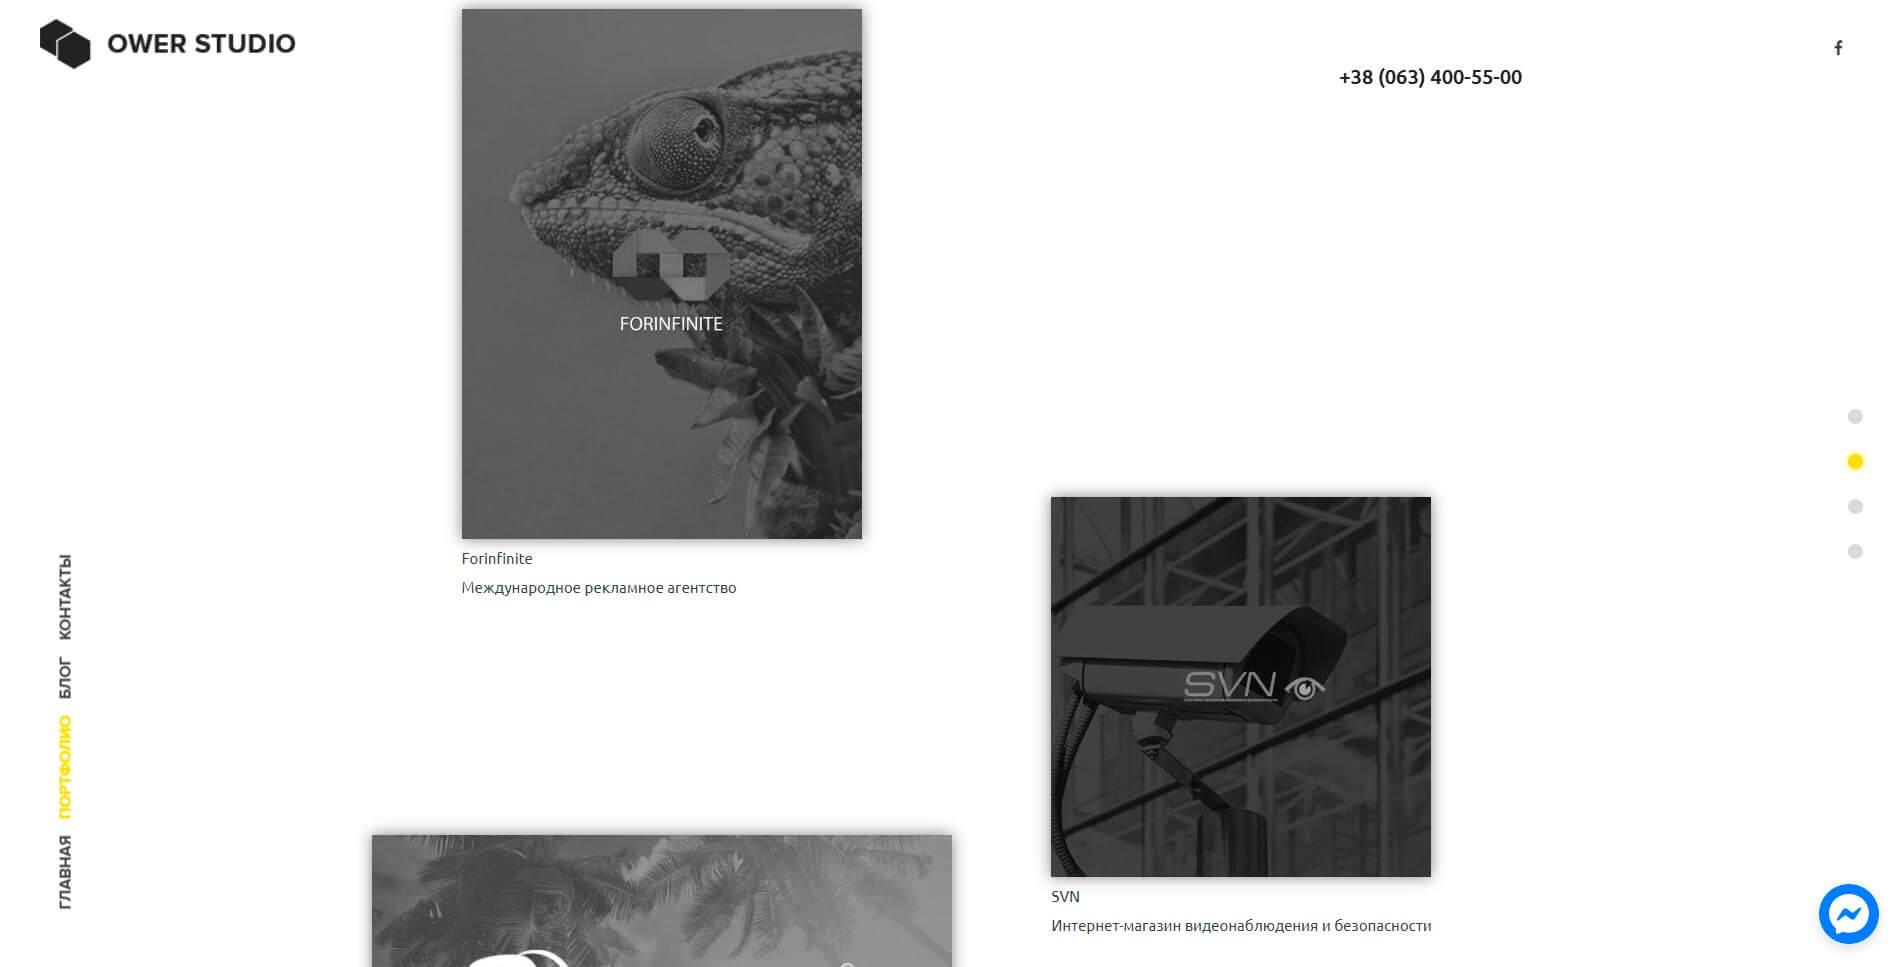 Ower Studio - обзор компании, услуги, отзывы, клиенты, Фото № 2 - google-seo.pro